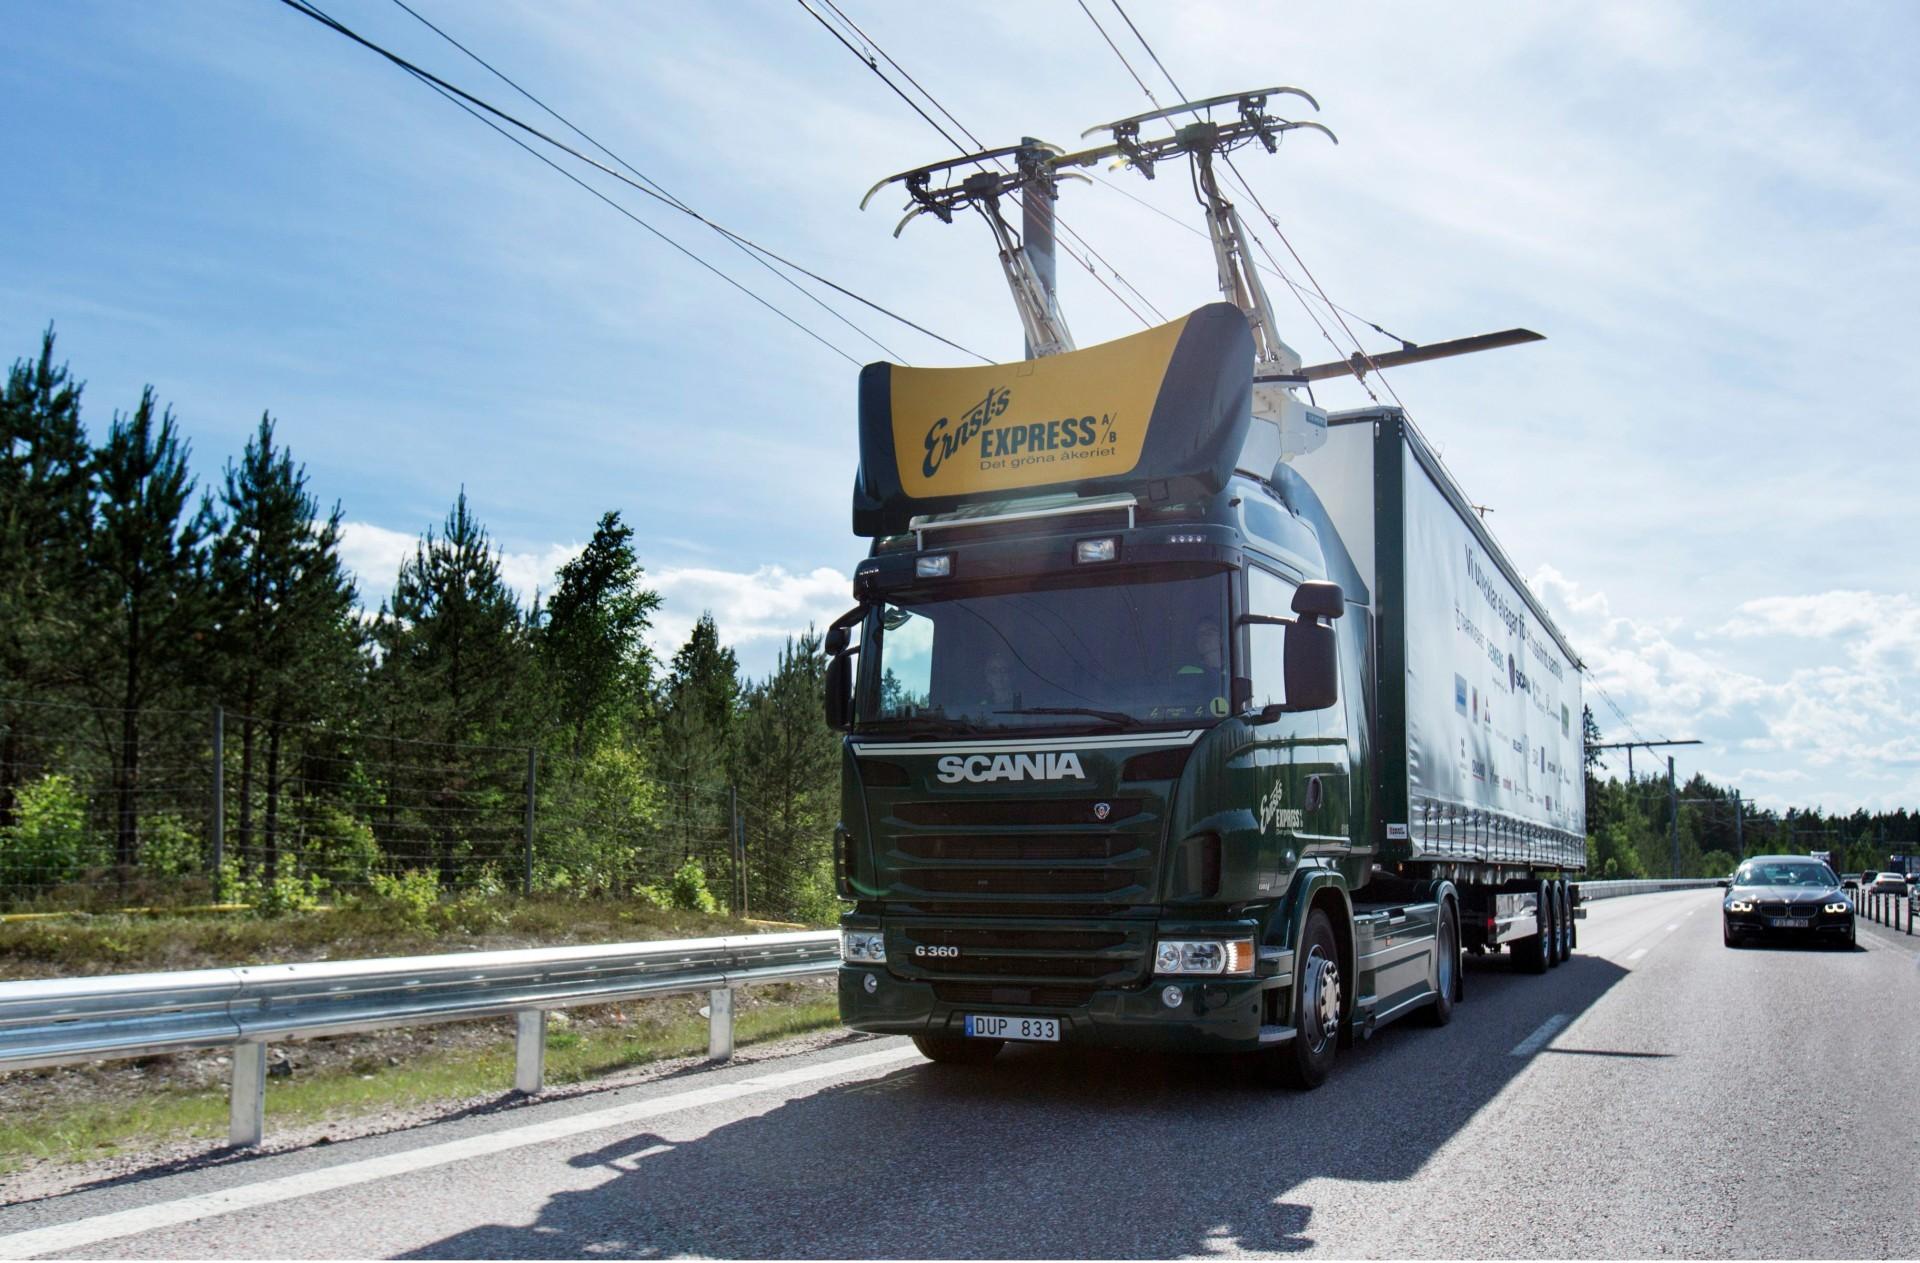 Швеция открыла электрическое шоссе длиной 2 км для грузовиков - 1